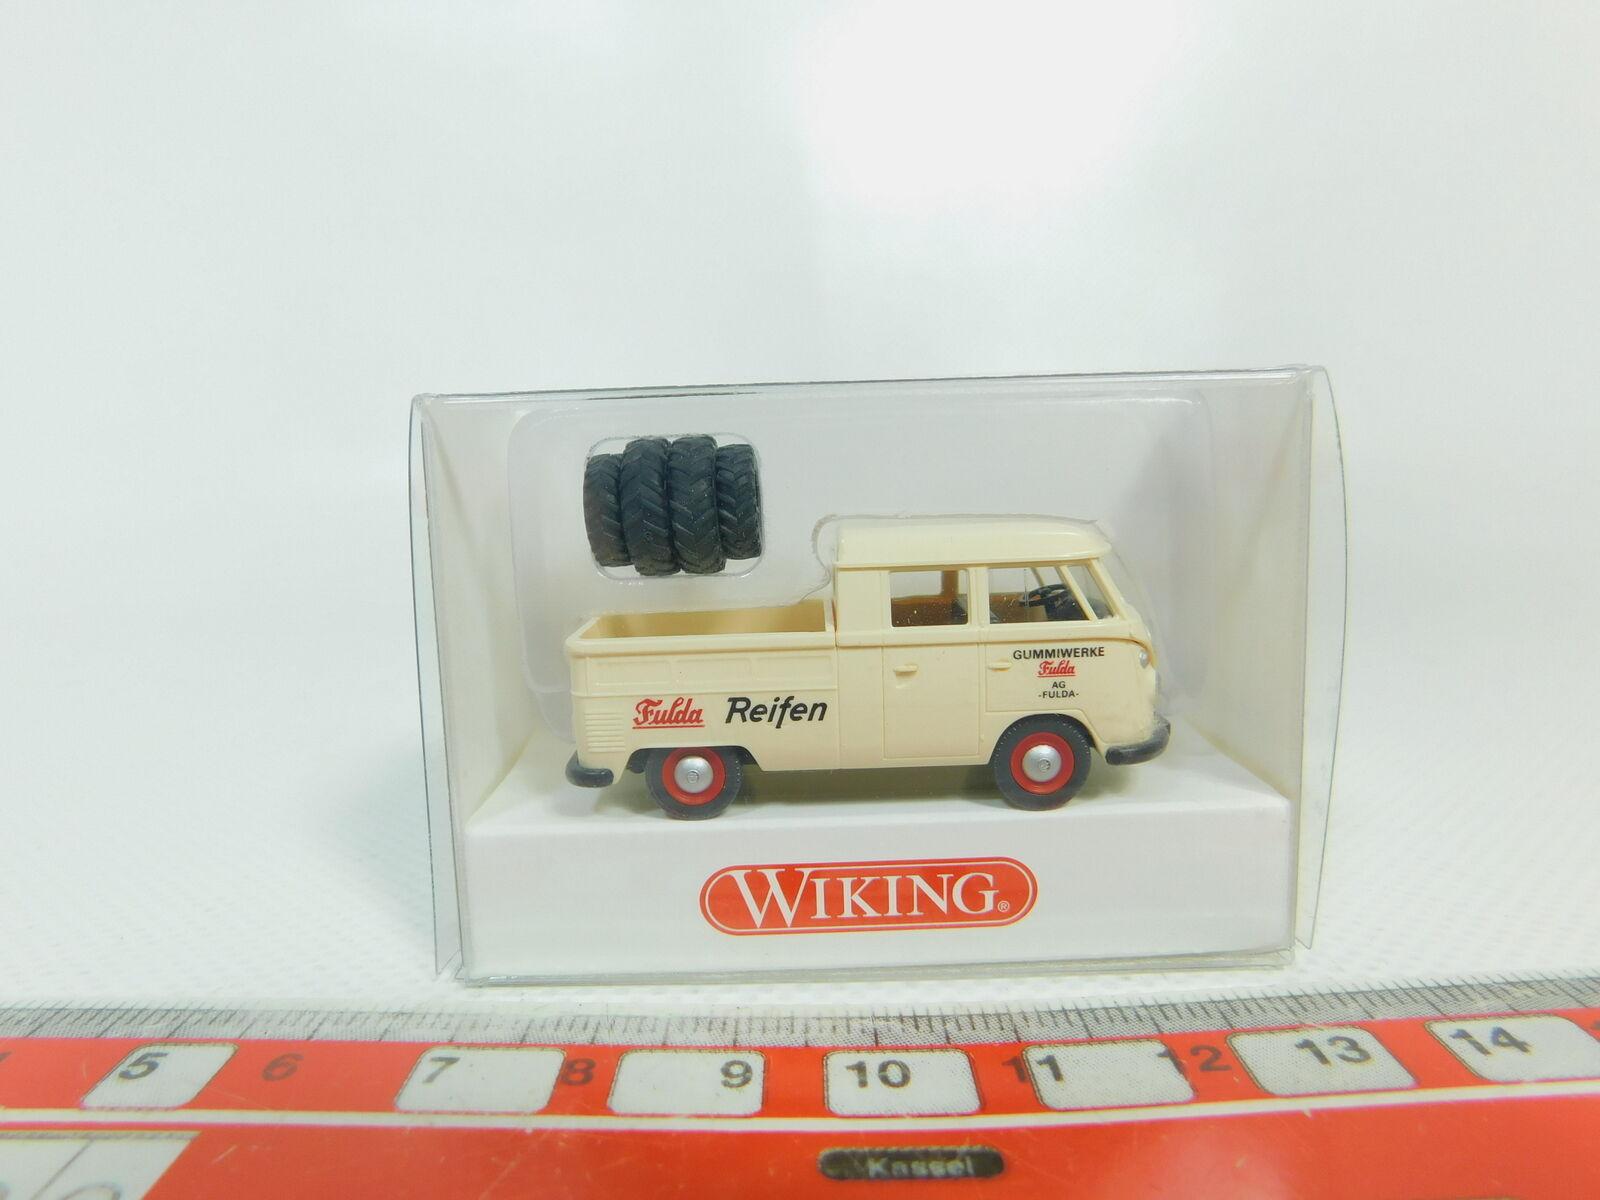 edición limitada Bo513-0, 5  Wiking h0 1 87 0789 02 32 32 32 volkswagen VW matrícula t1 Fulda, Neuw + embalaje original  ordenar ahora